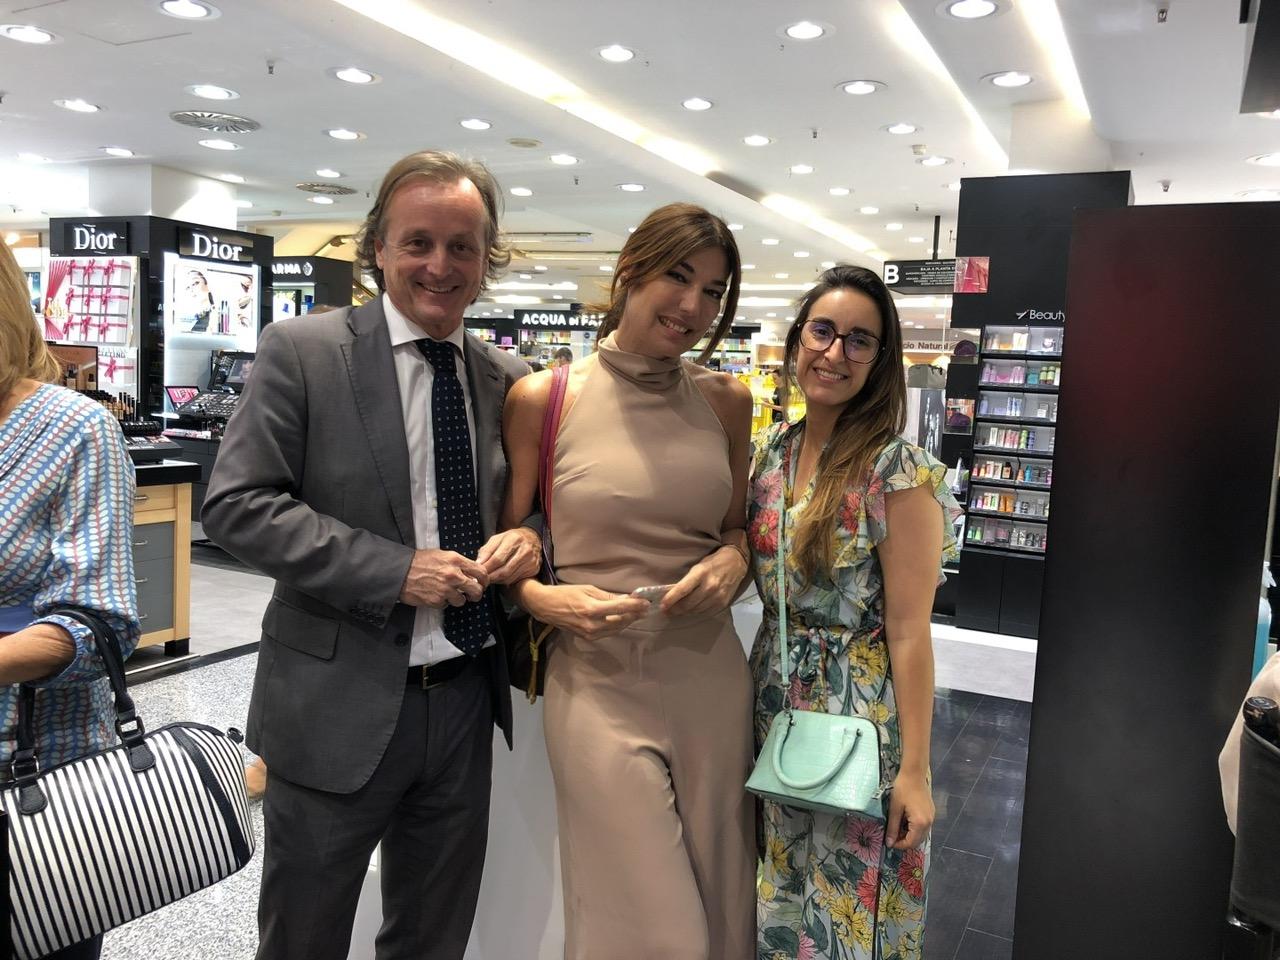 Con nuestro anfitrión Fernando Murube de El Corte Inglés y Rocío Ponce de BulebarSur